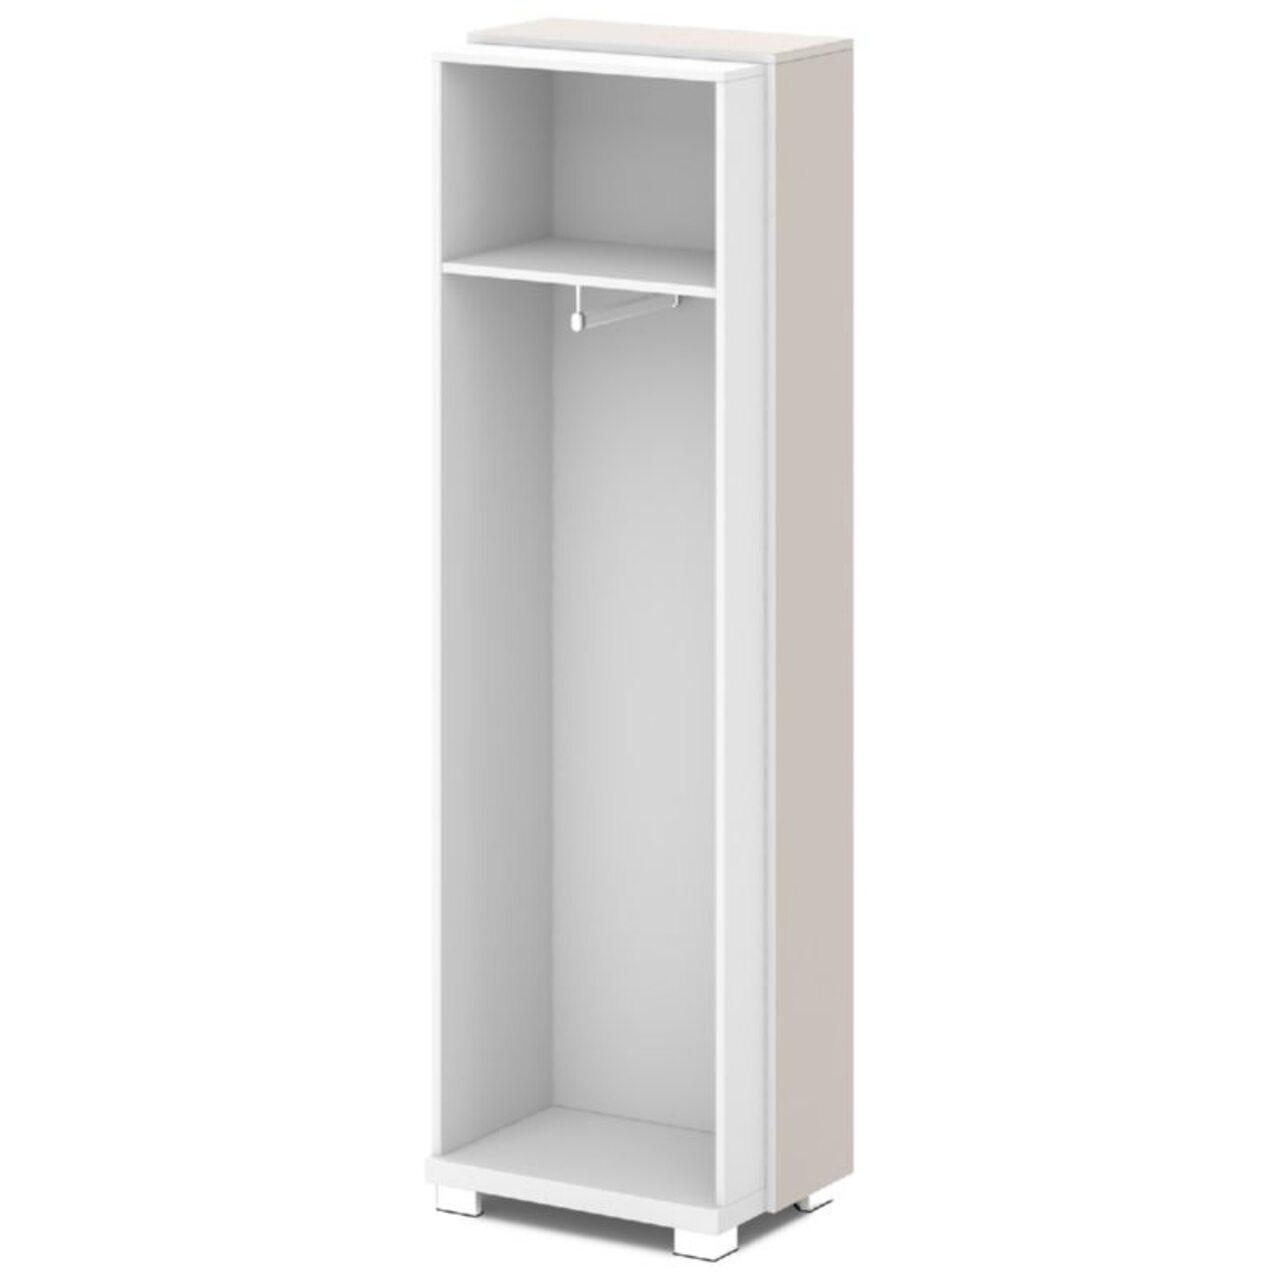 Каркас шкафа для одежды отдельностоящий  GRACE 64x44x205 - фото 7